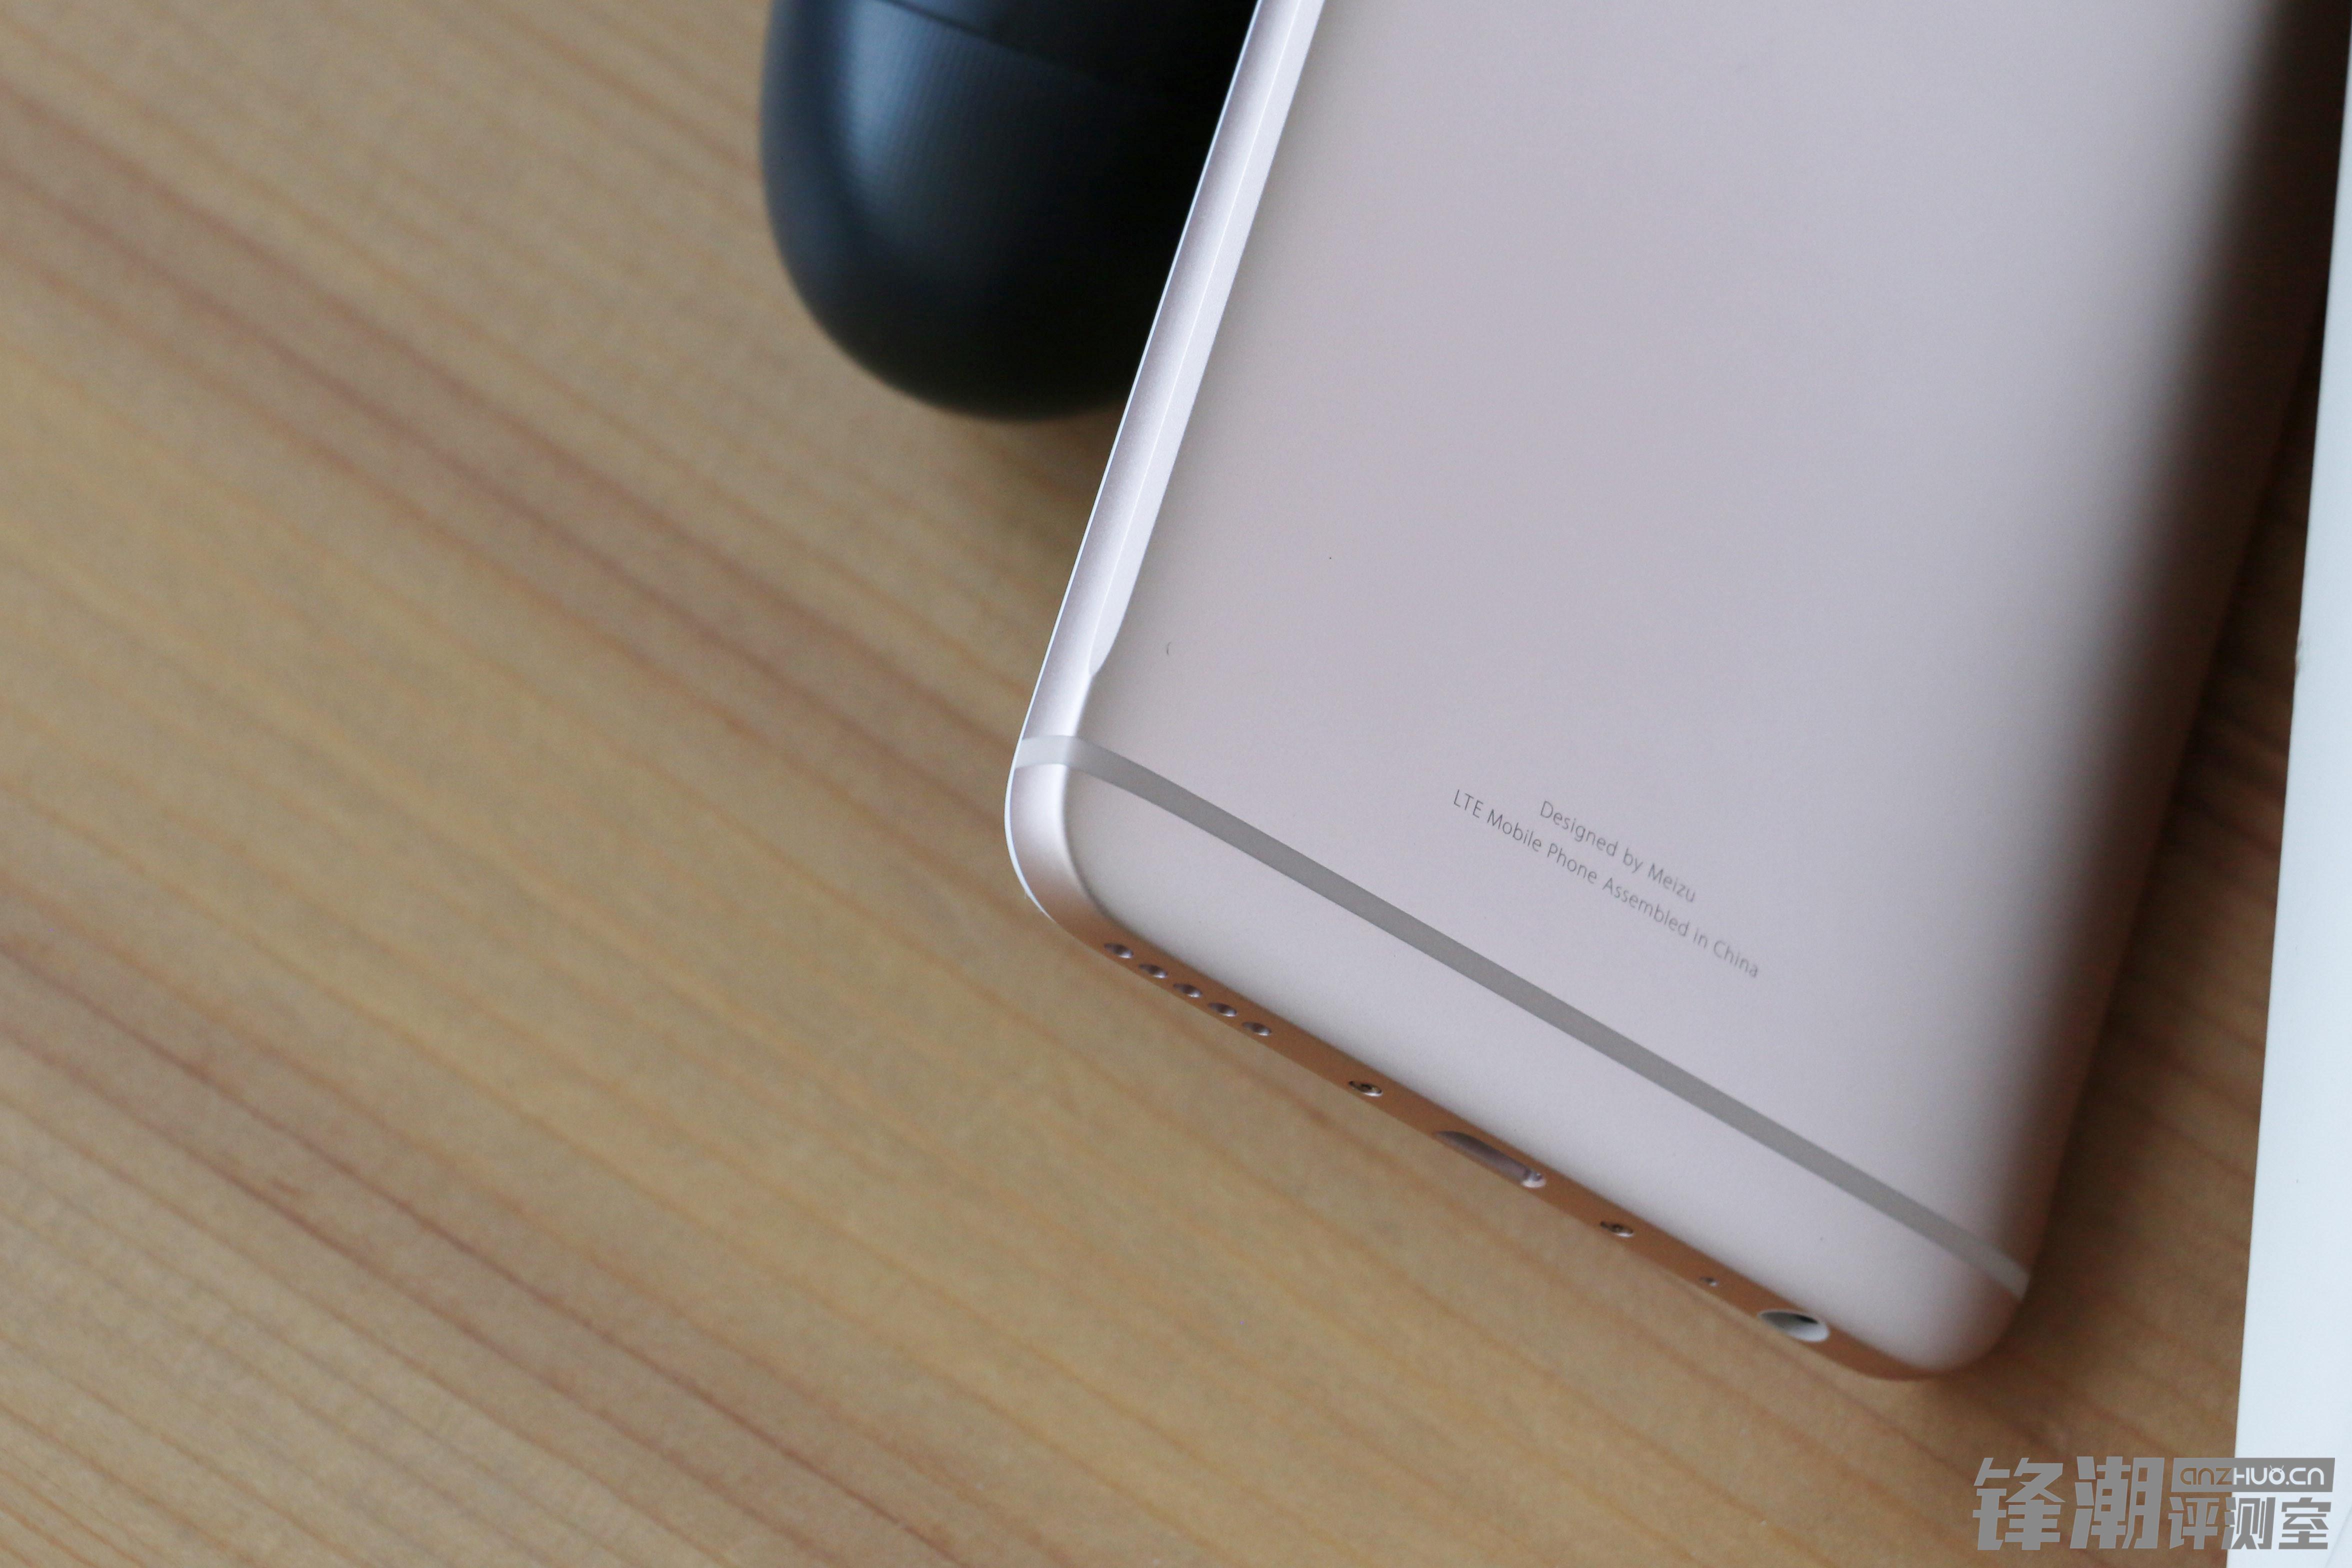 【力皮西】讲真,这台千元双摄确实可以:魅蓝 Note6详细评测